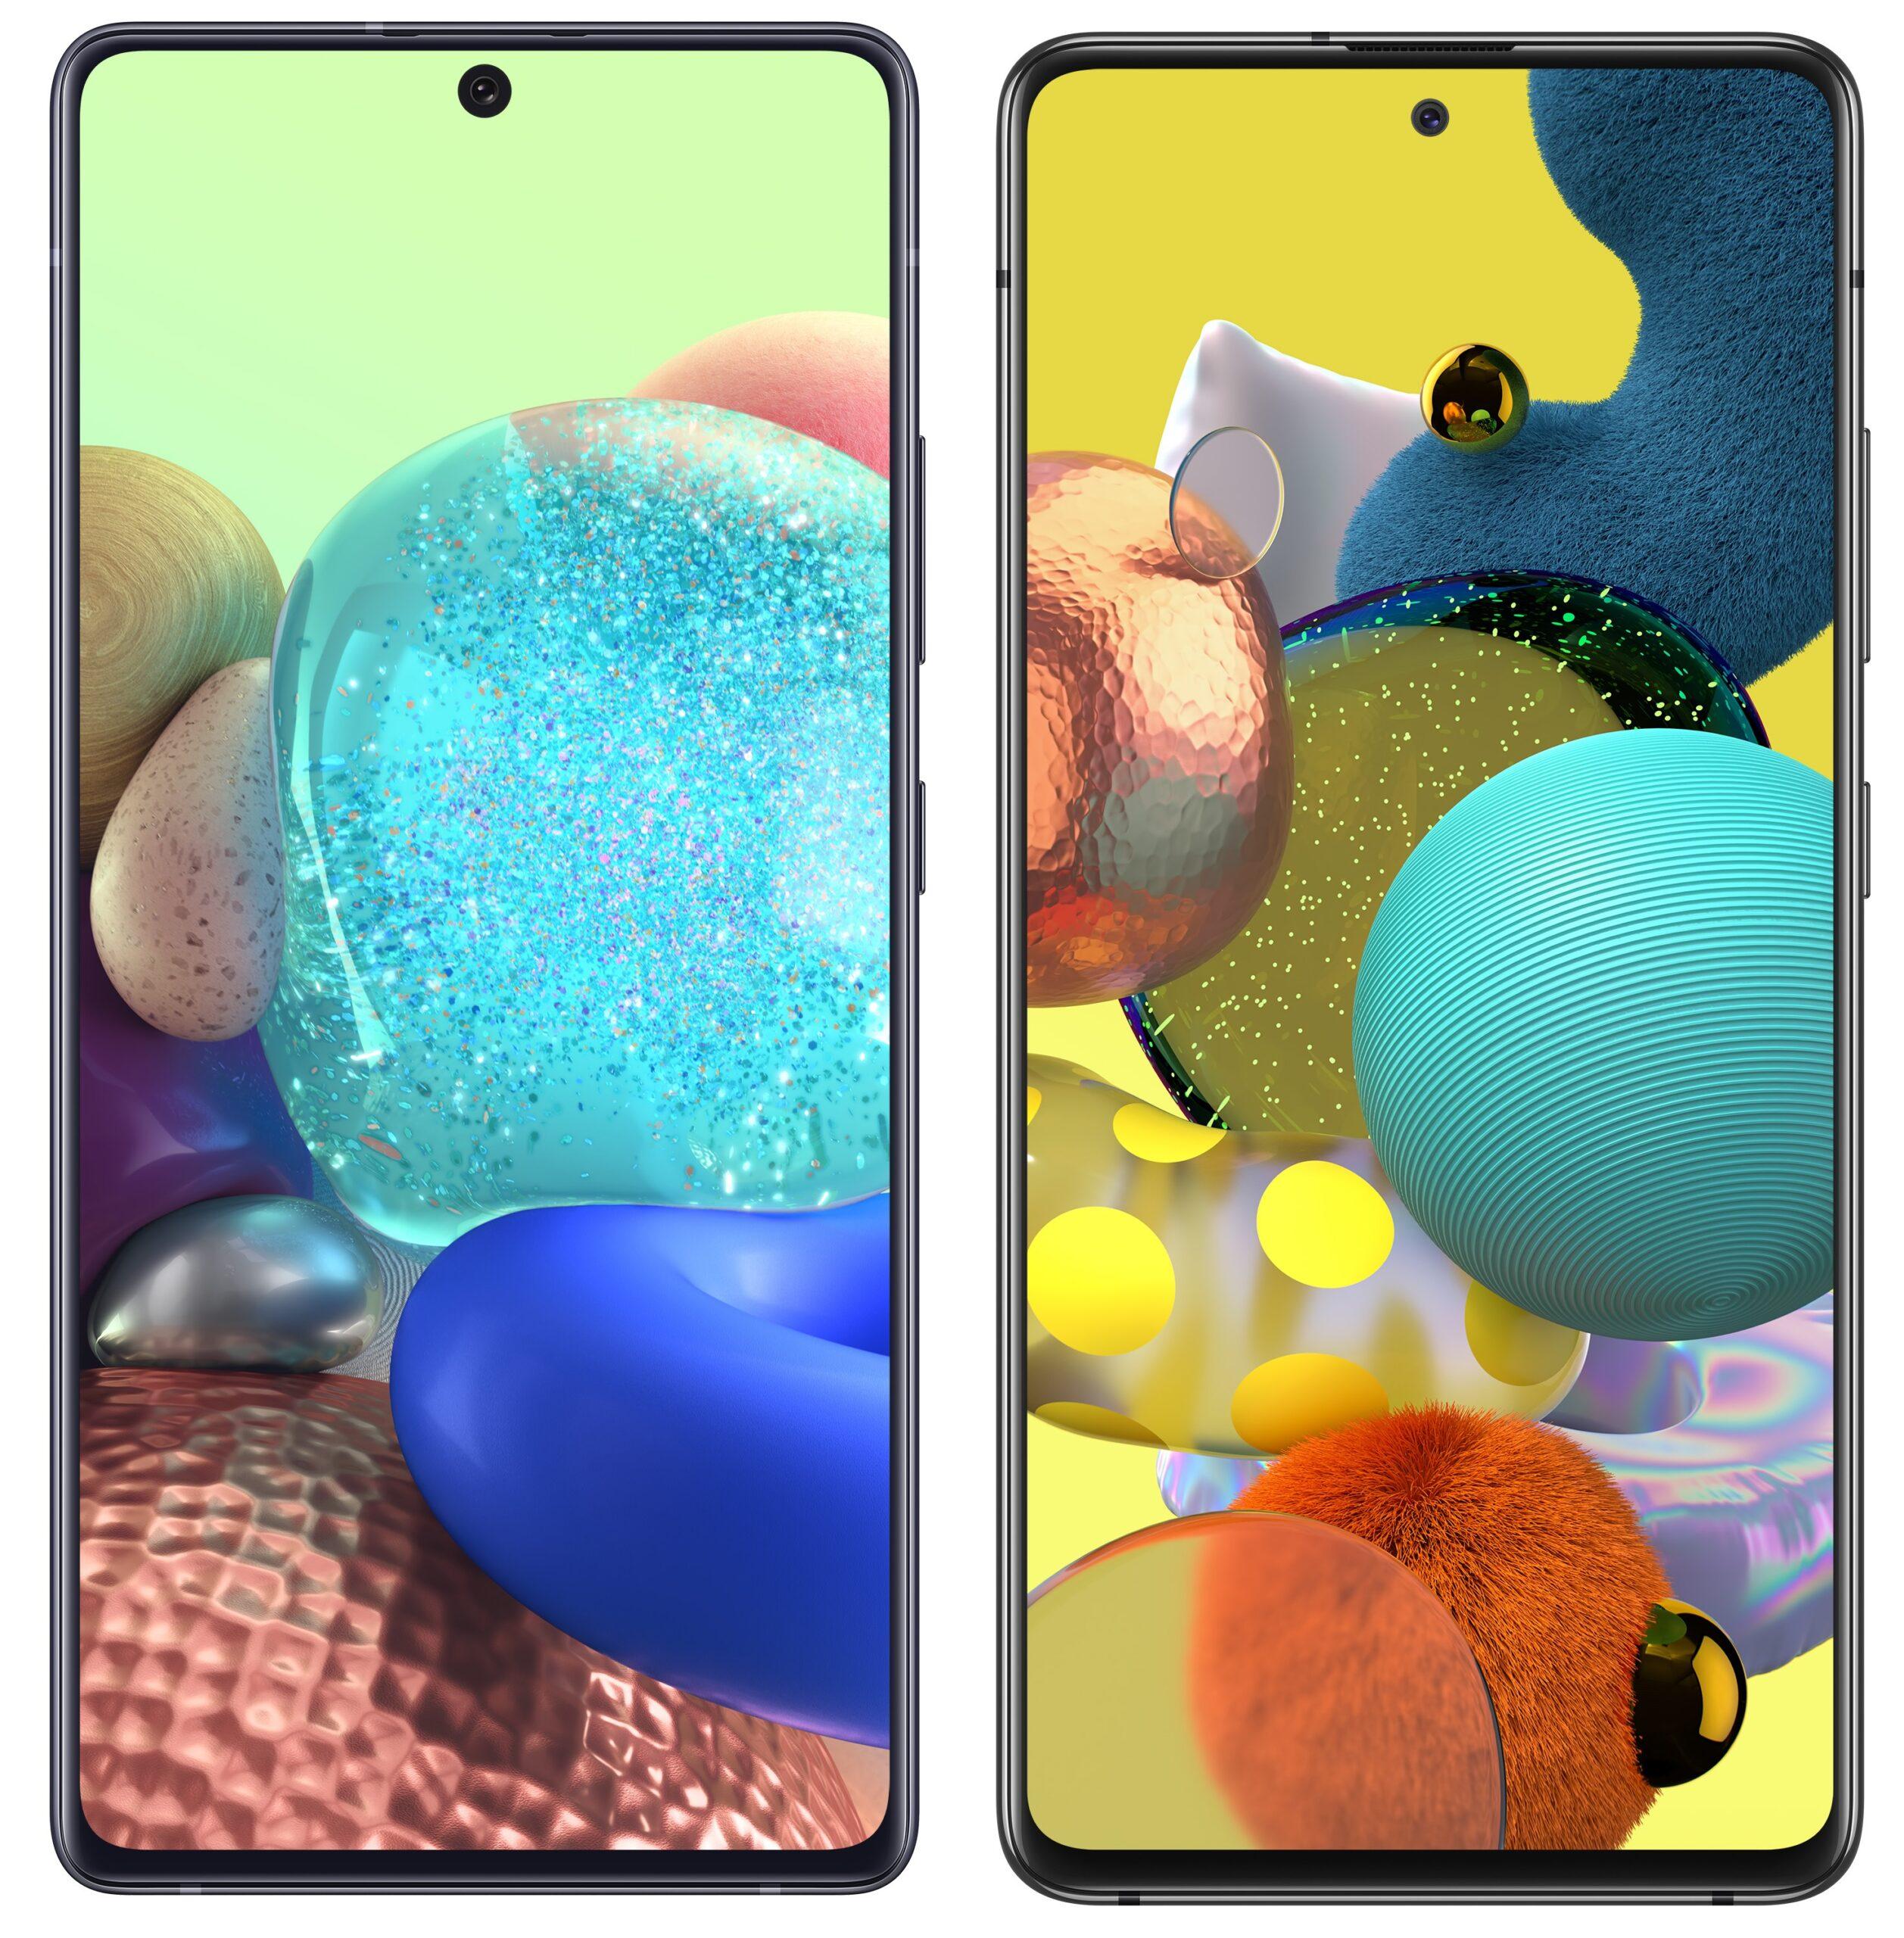 Galaxy A71 5G A51 5G scaled